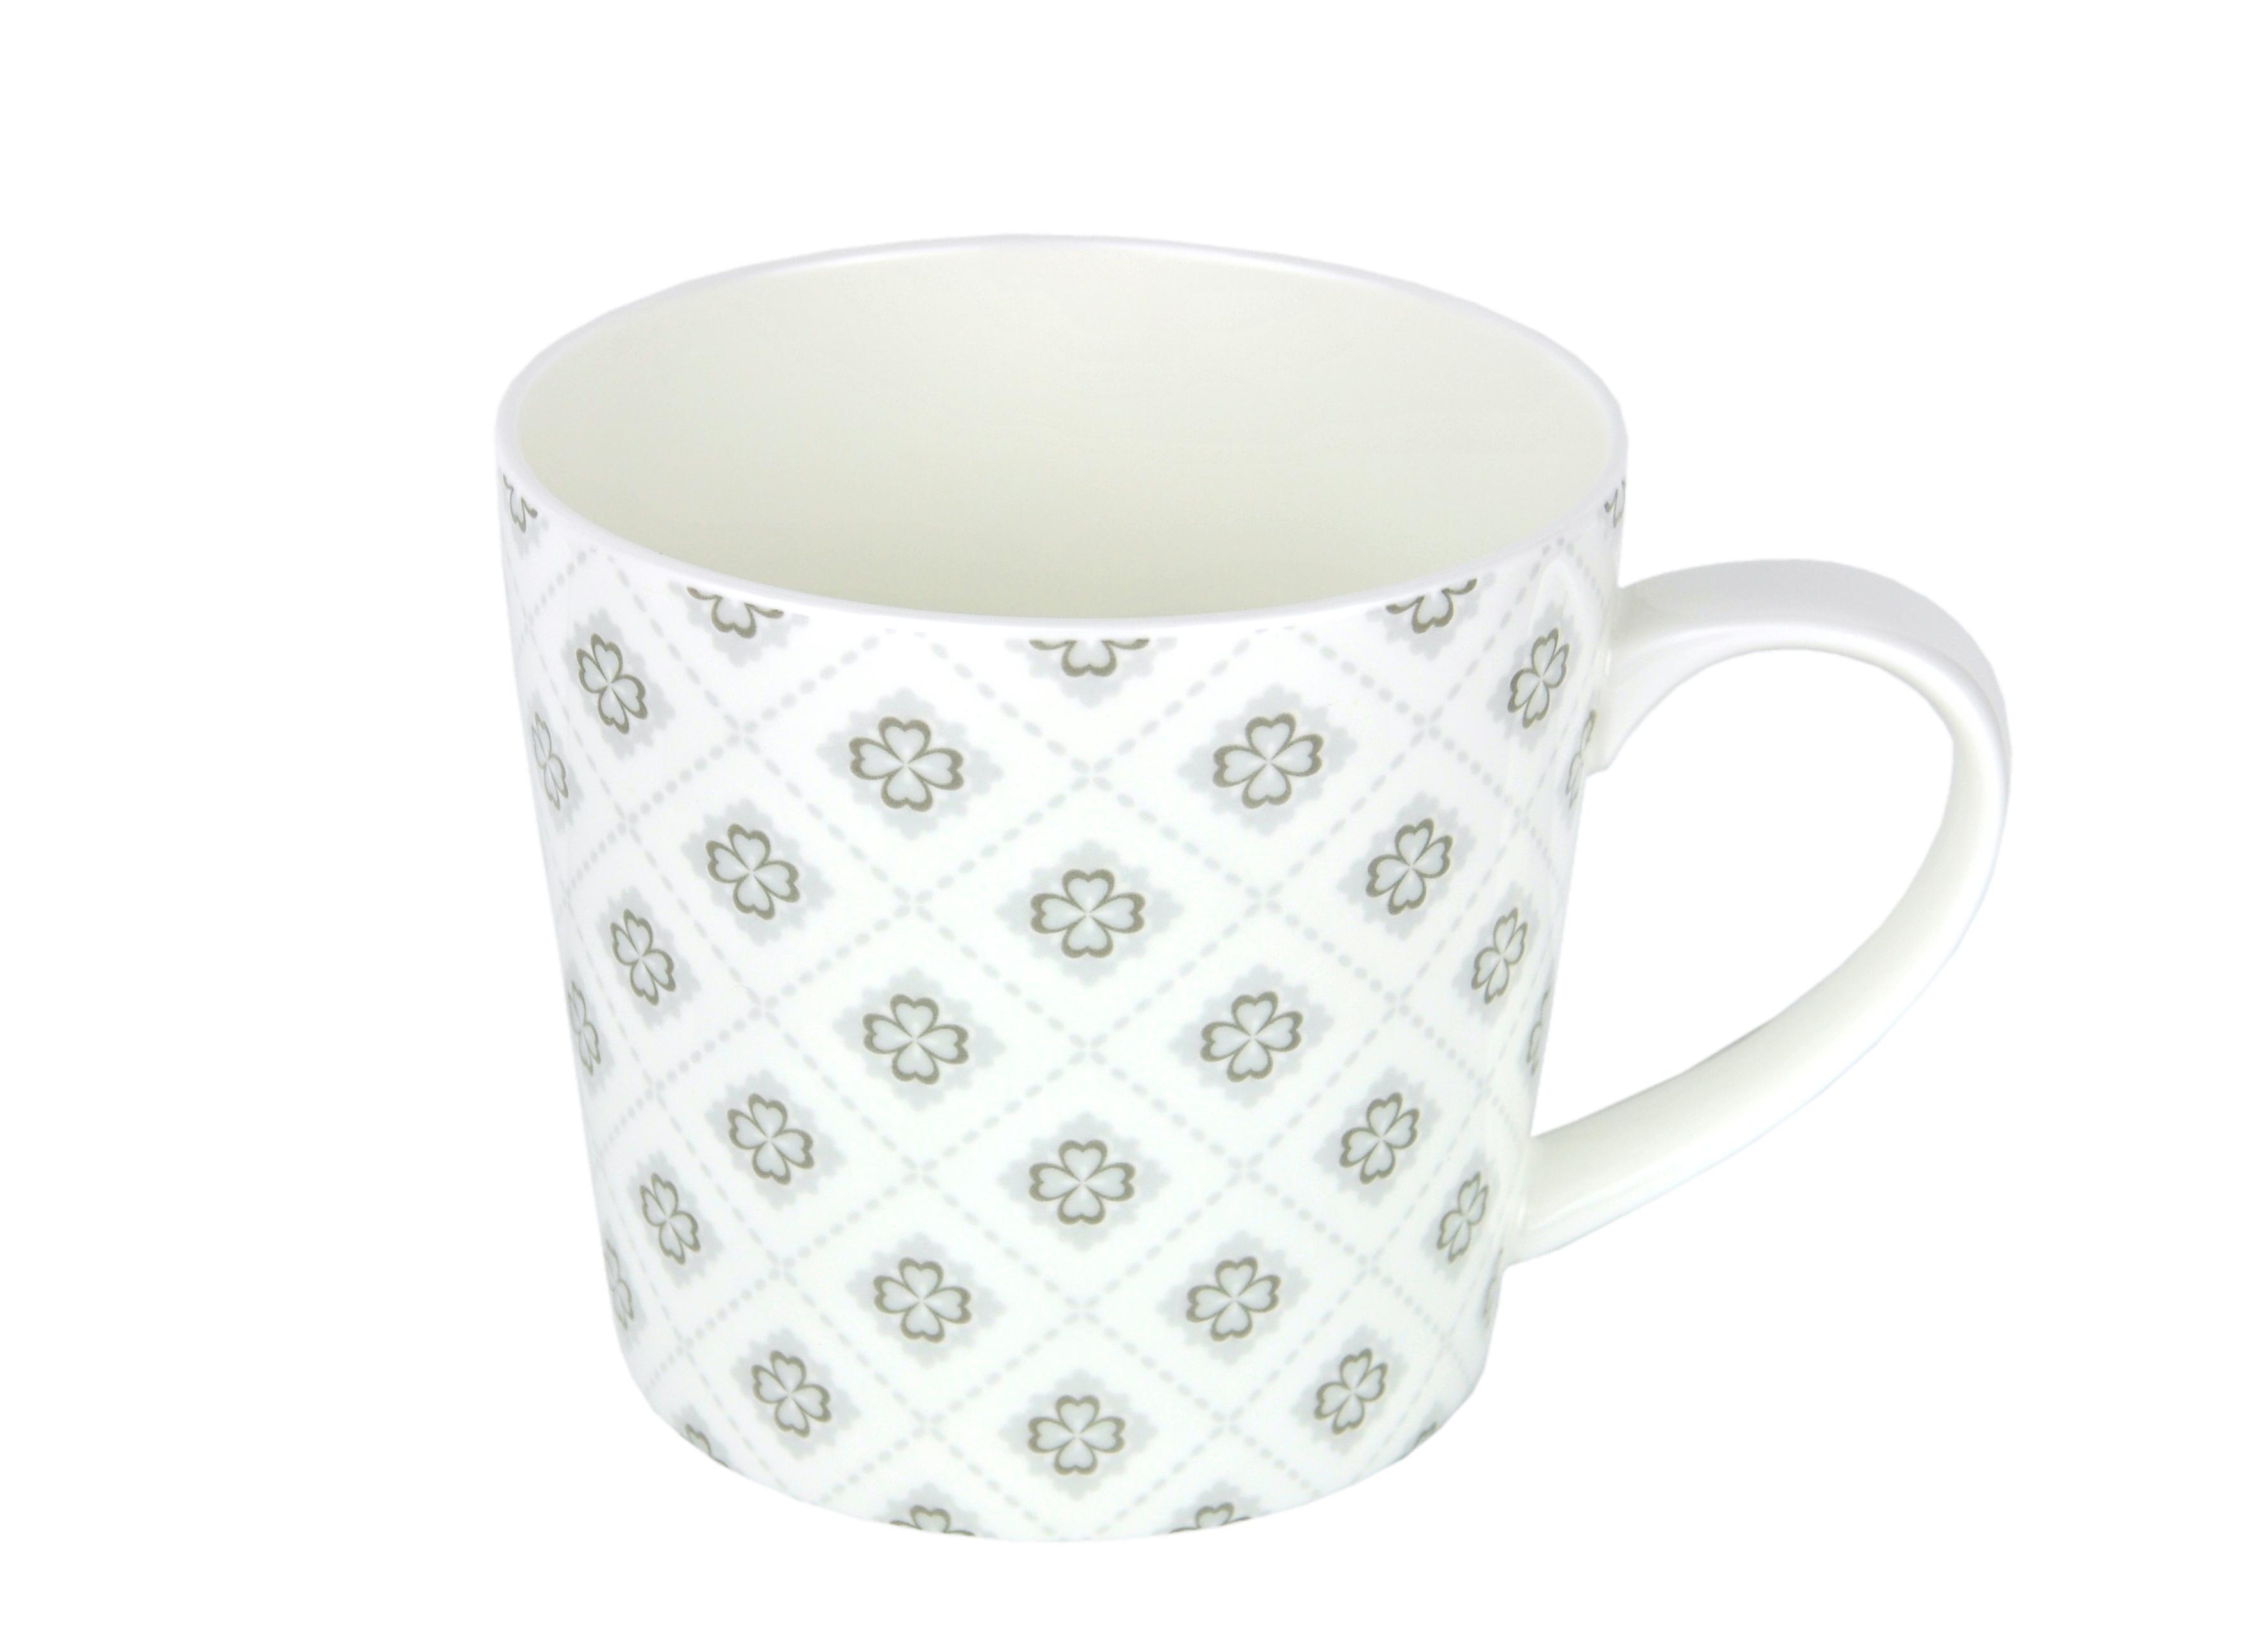 becher diamantporzellan gl cksblatt 4162 incl teeprobe porzellan tassen und becher. Black Bedroom Furniture Sets. Home Design Ideas